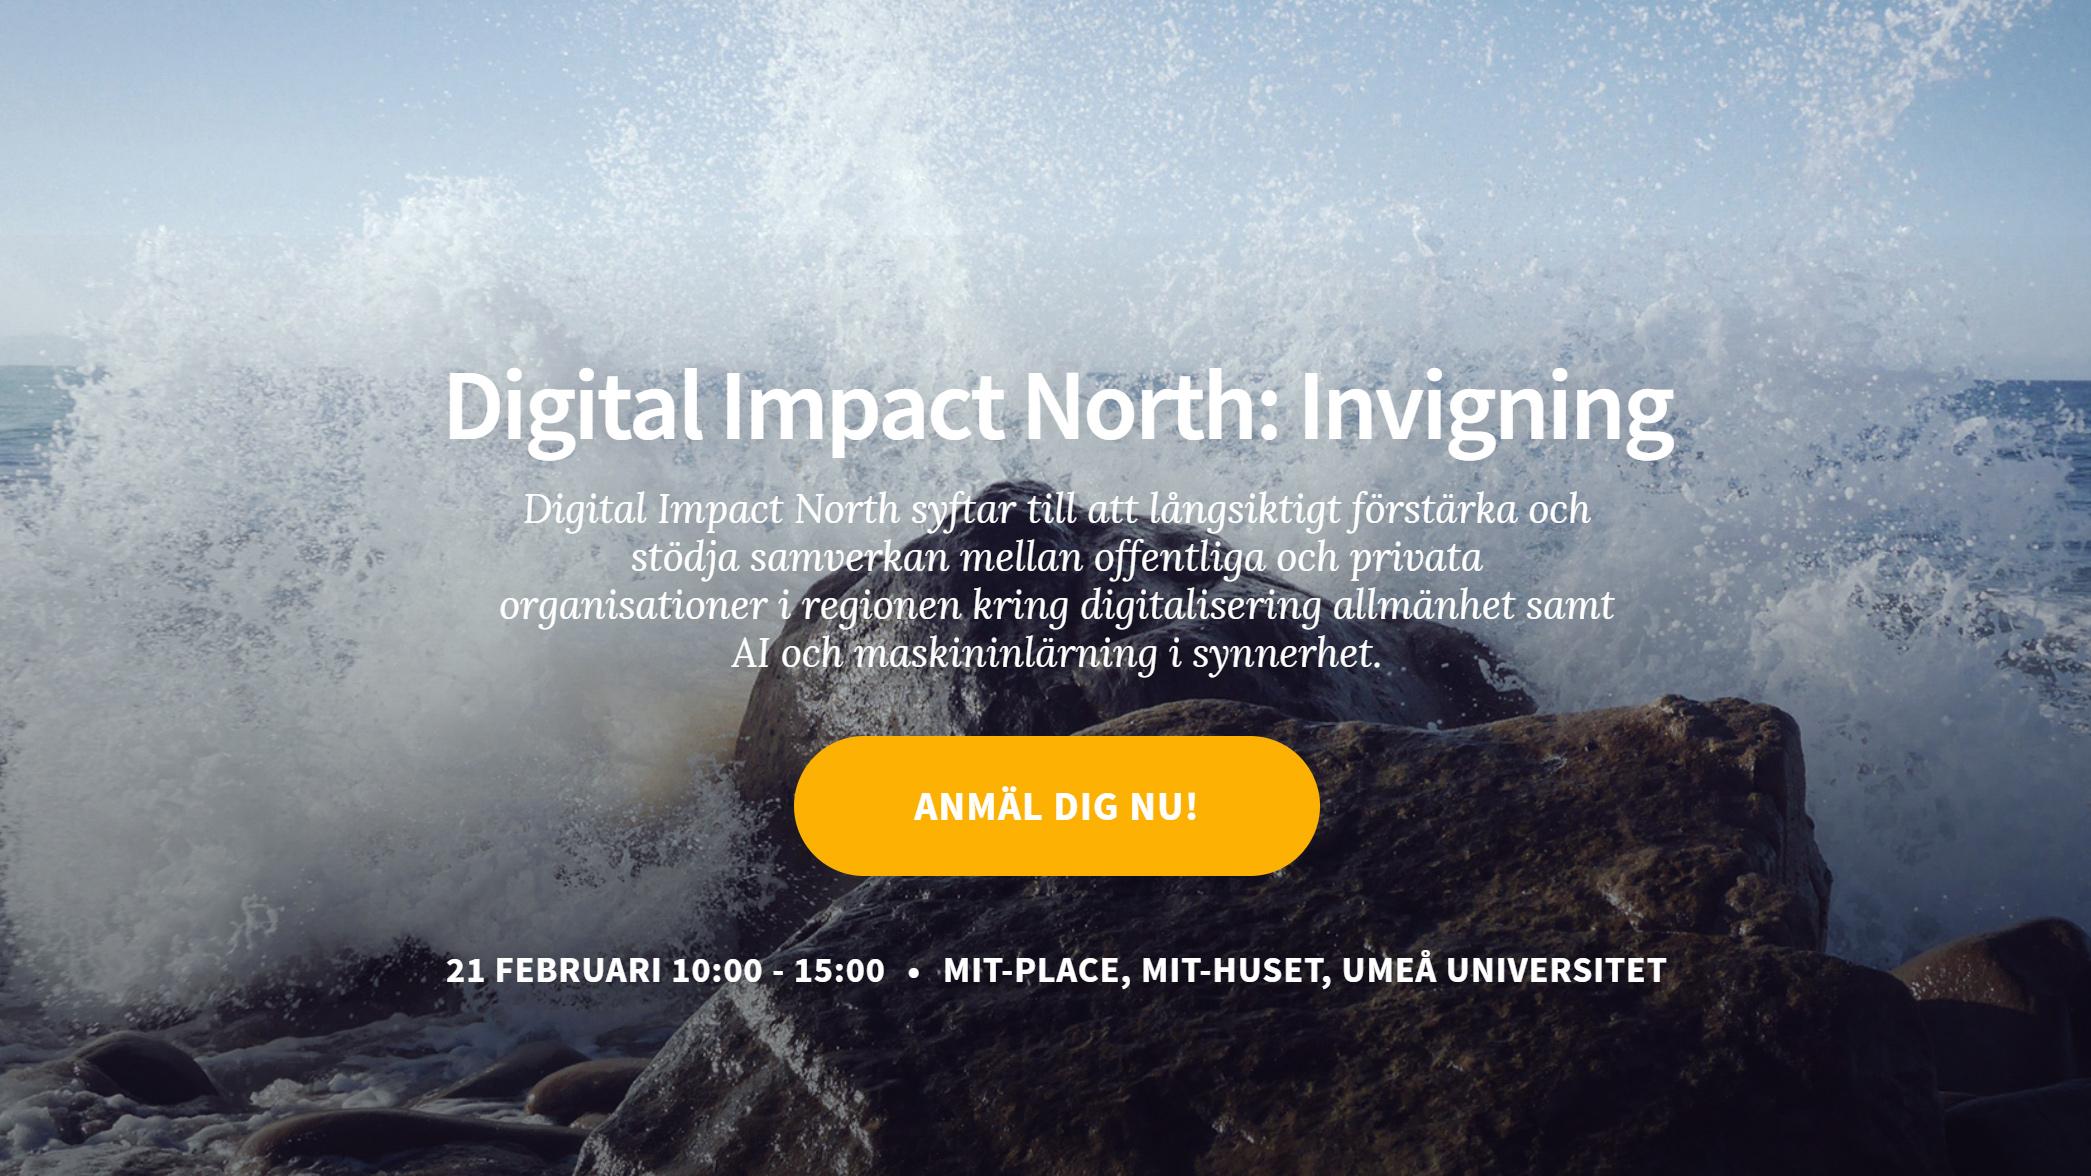 Bild som visar anmälan till invigning av Digital Impact North.